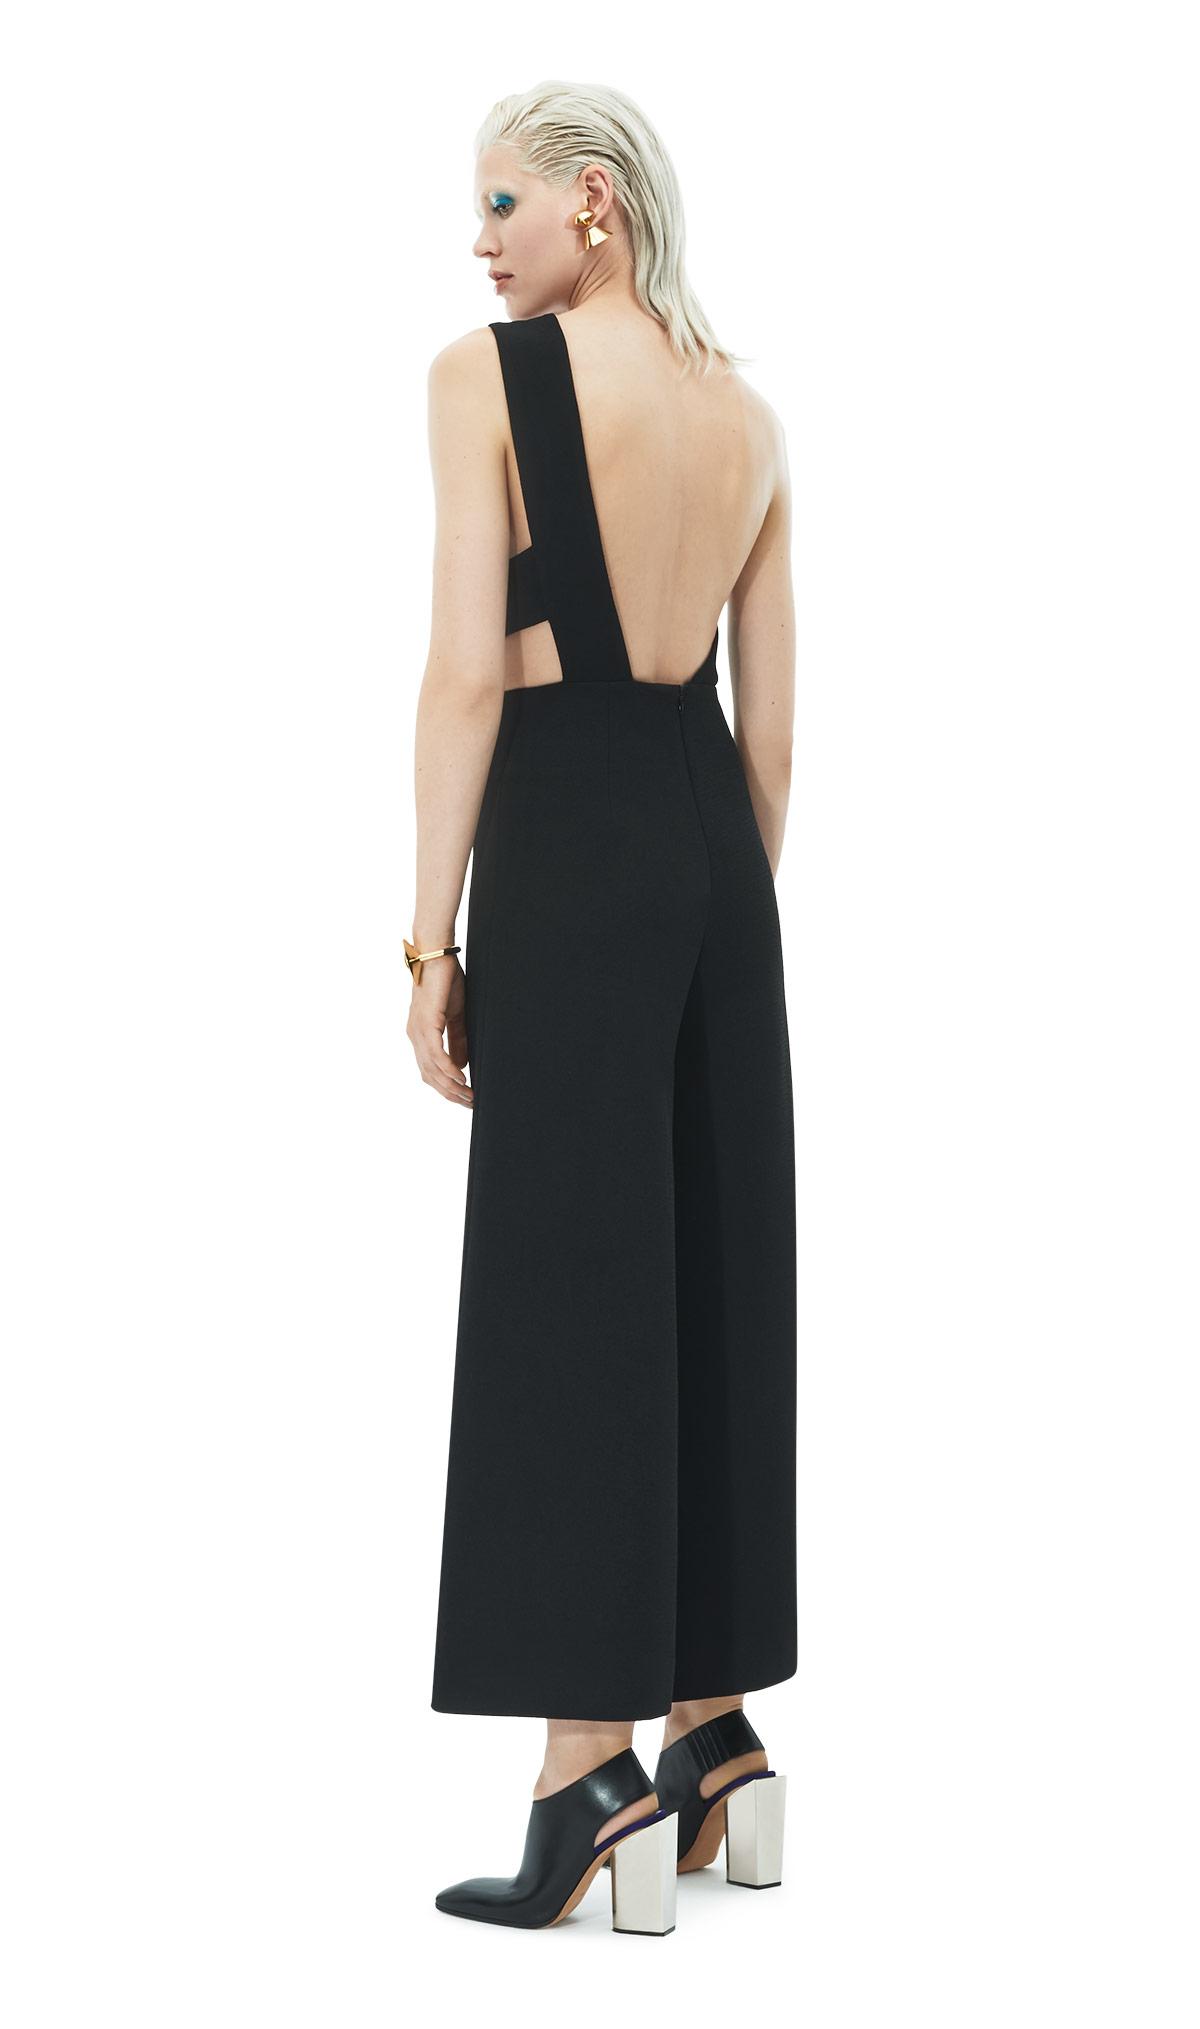 d981f727256 Lyst - Solace London Addison Jumpsuit Black in Black